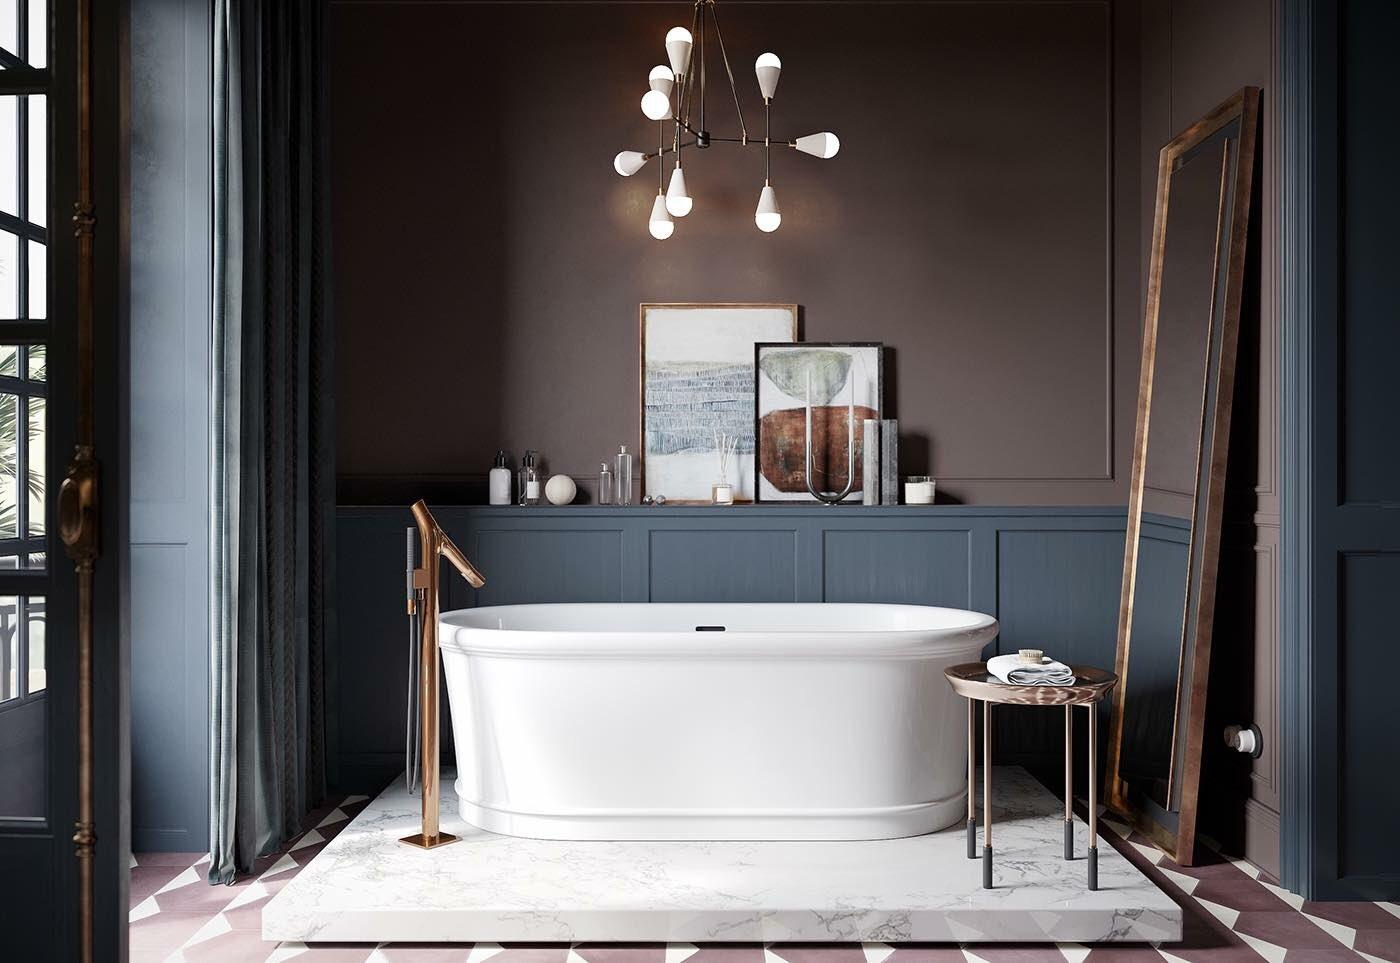 Fantástico Baño Enmarcado Refleja Bricolaje Ilustración - Ideas ...